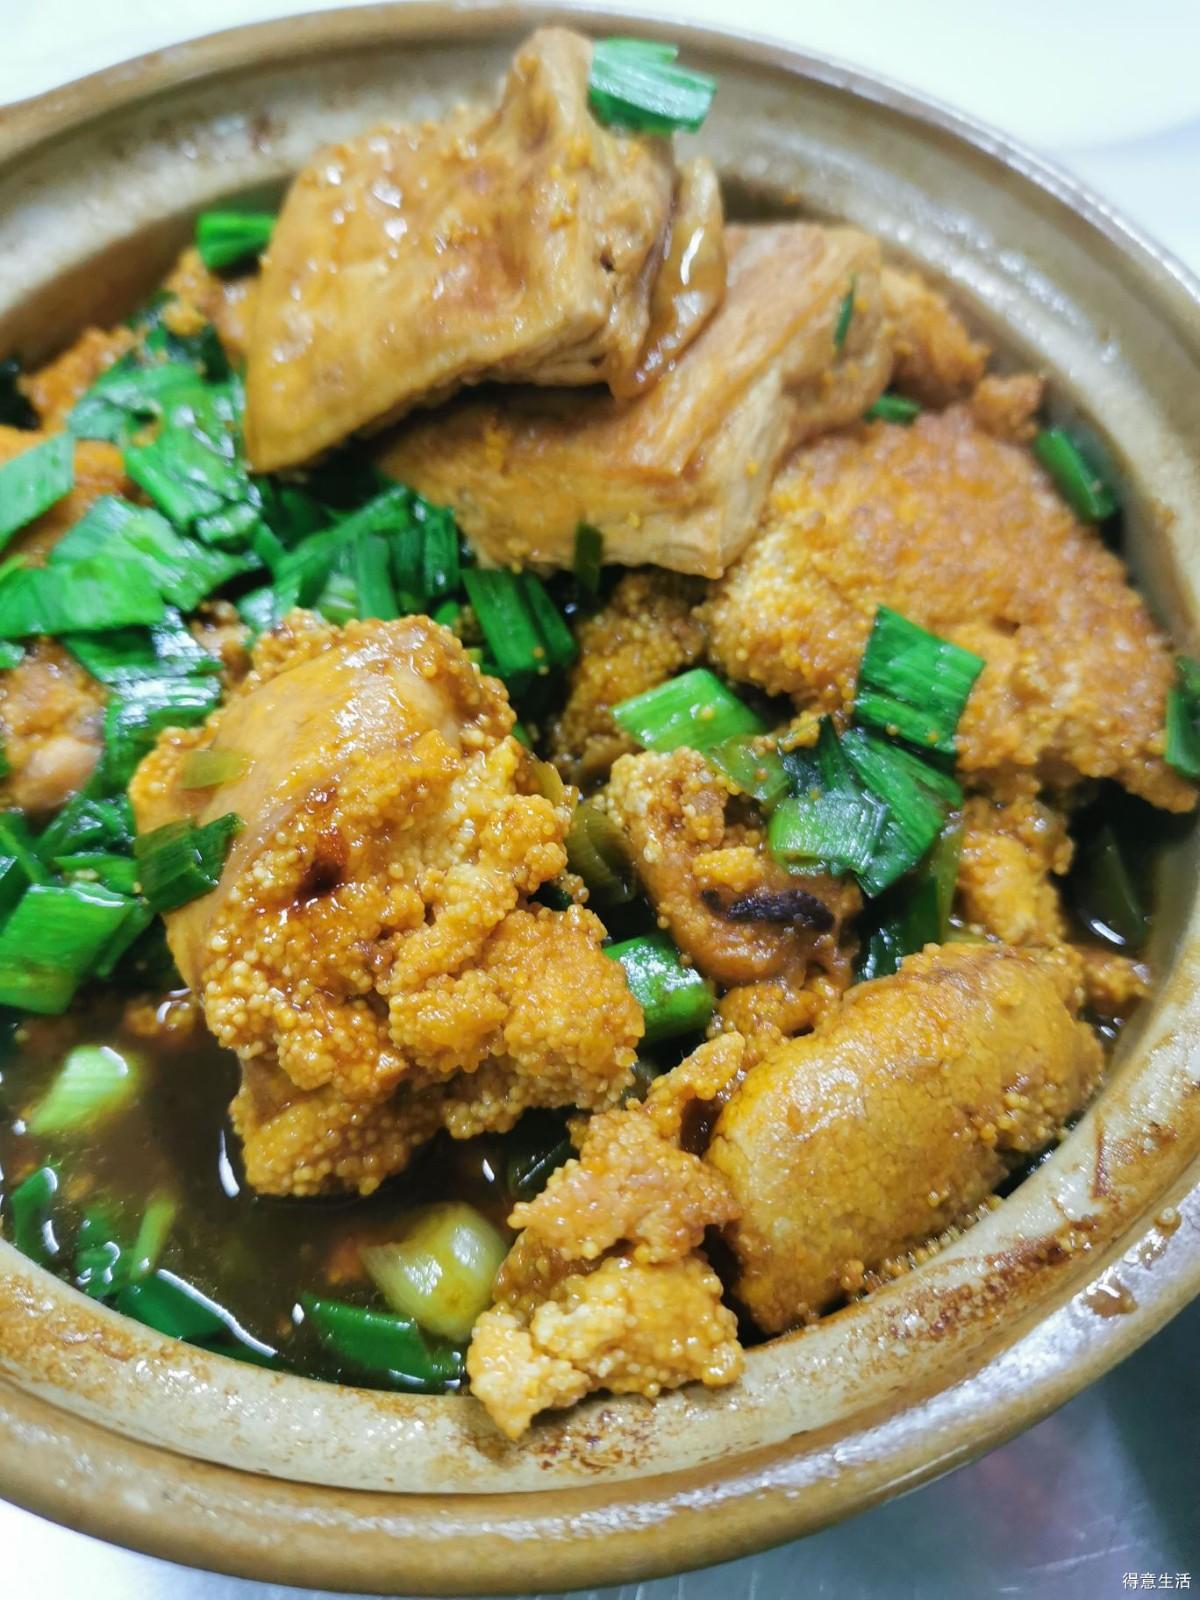 去吃了一家鱼头泡饭,本来主要吃鱼头,却对鱼籽烧豆腐上了心!